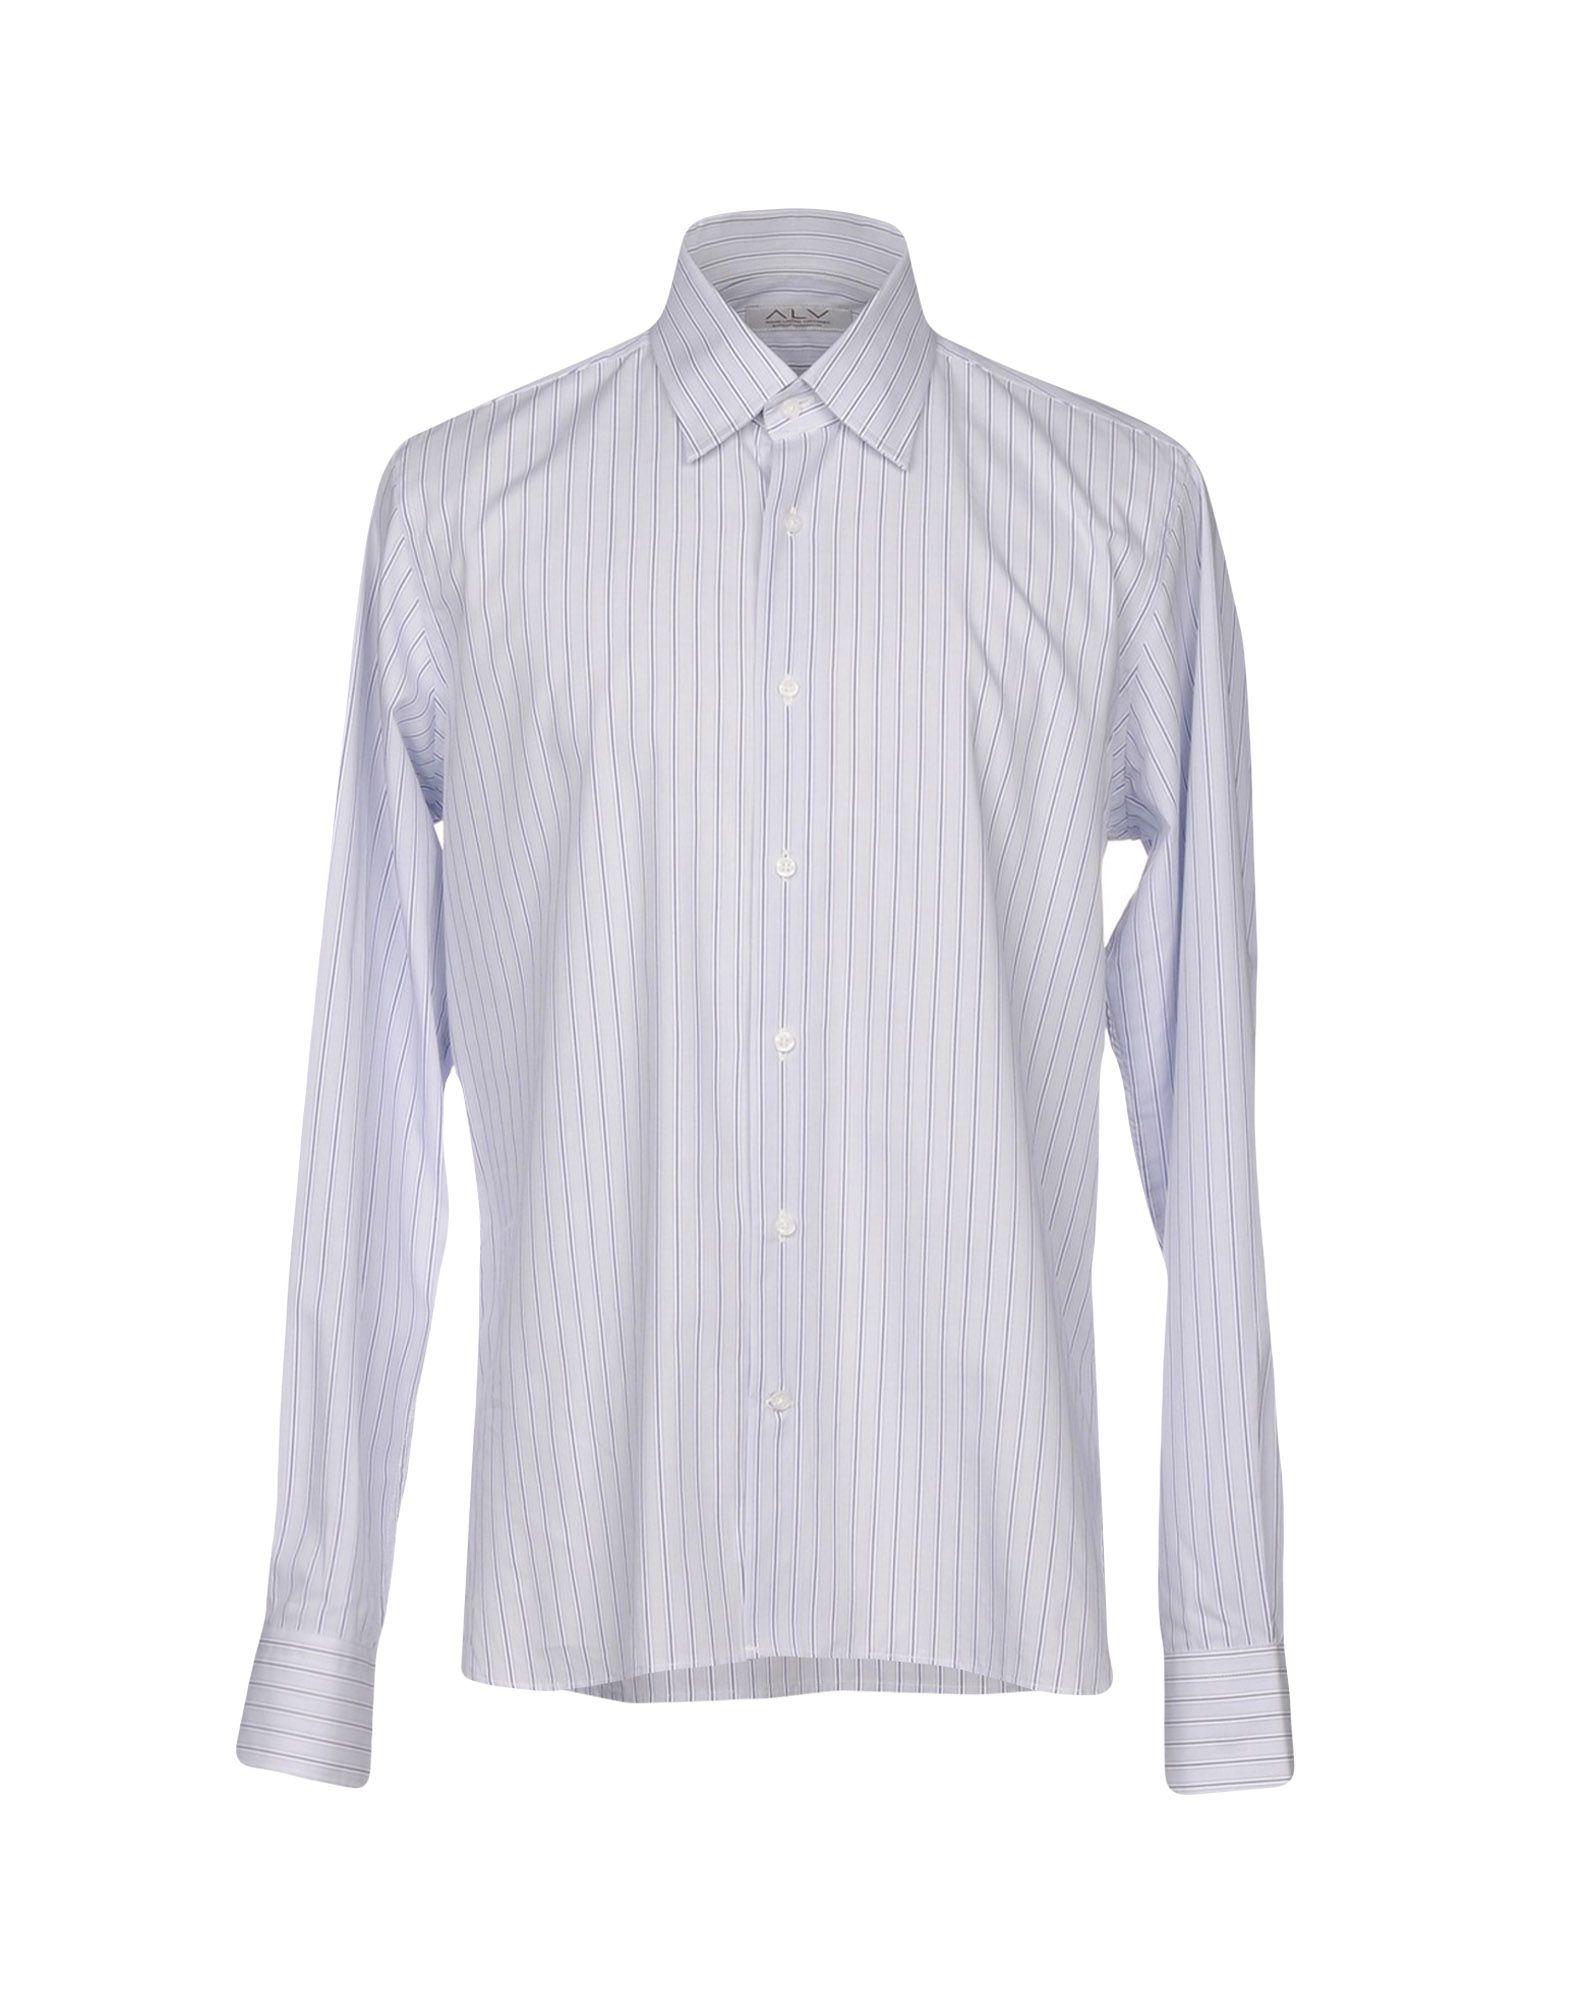 《期間限定セール中》ALV ANDARE LONTANO VIAGGIANDO メンズ シャツ ライトグレー 43 コットン 100%